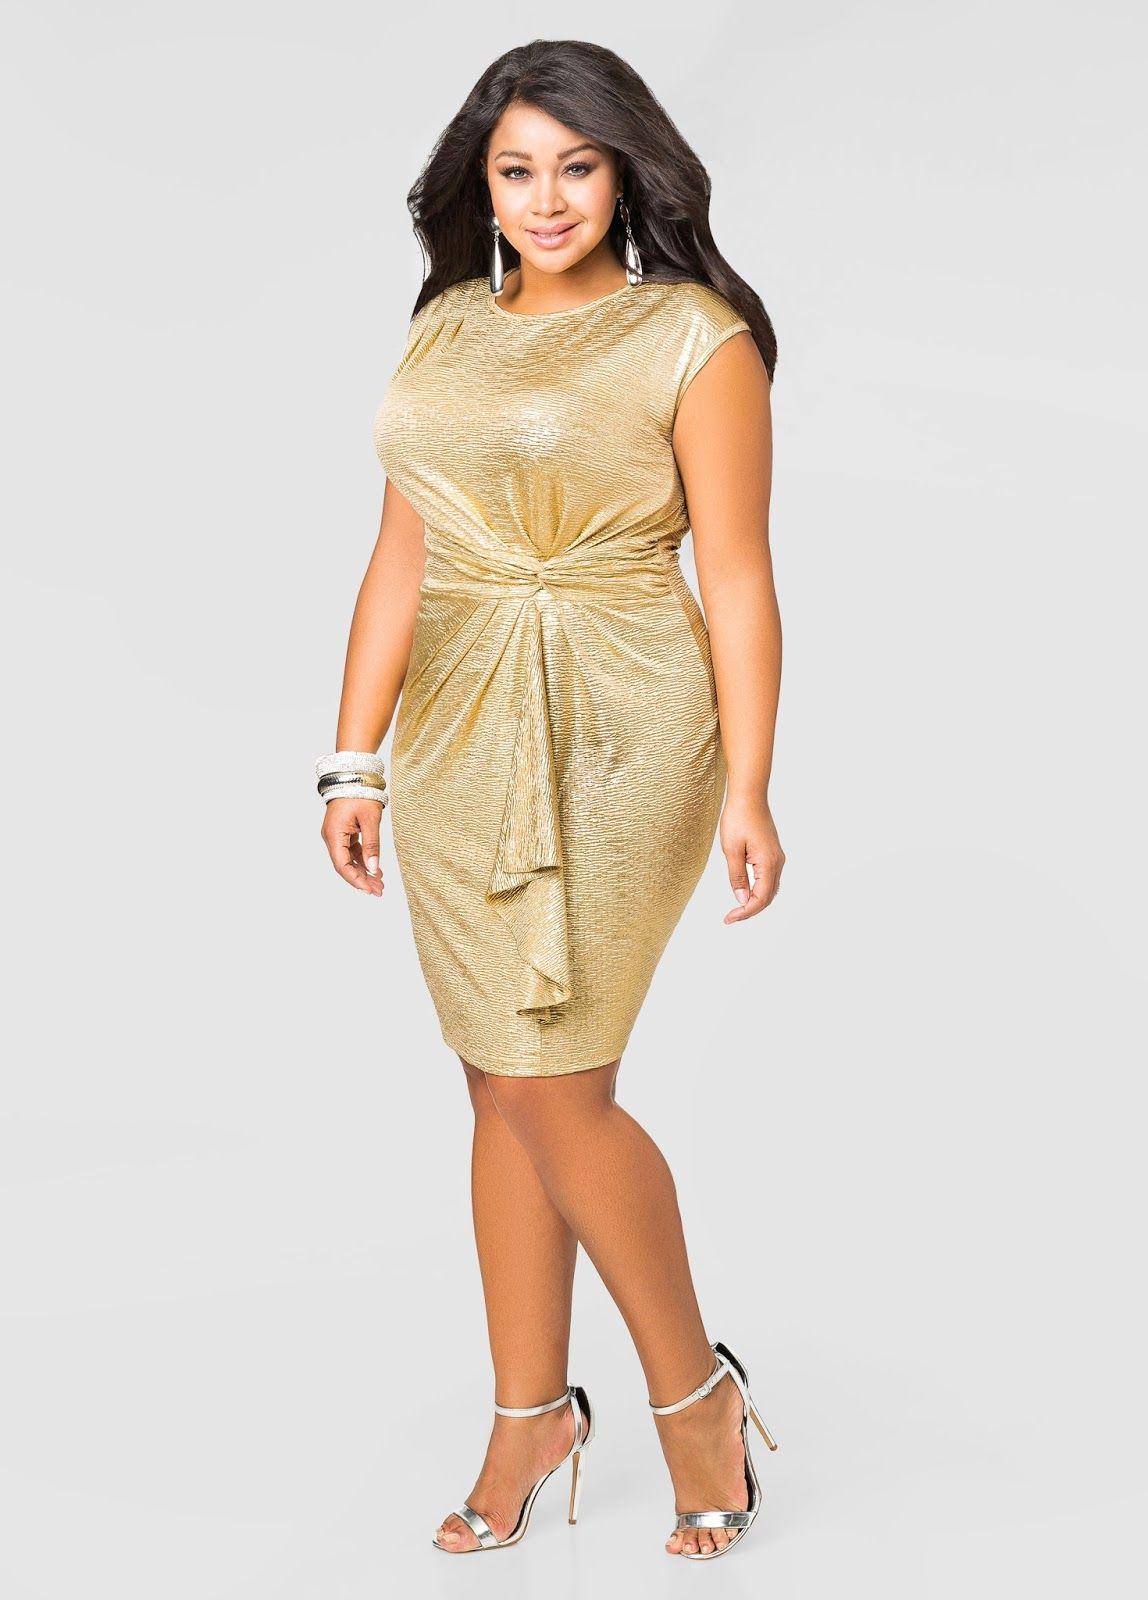 6a02061389 Moda para gorditas - Vestidos